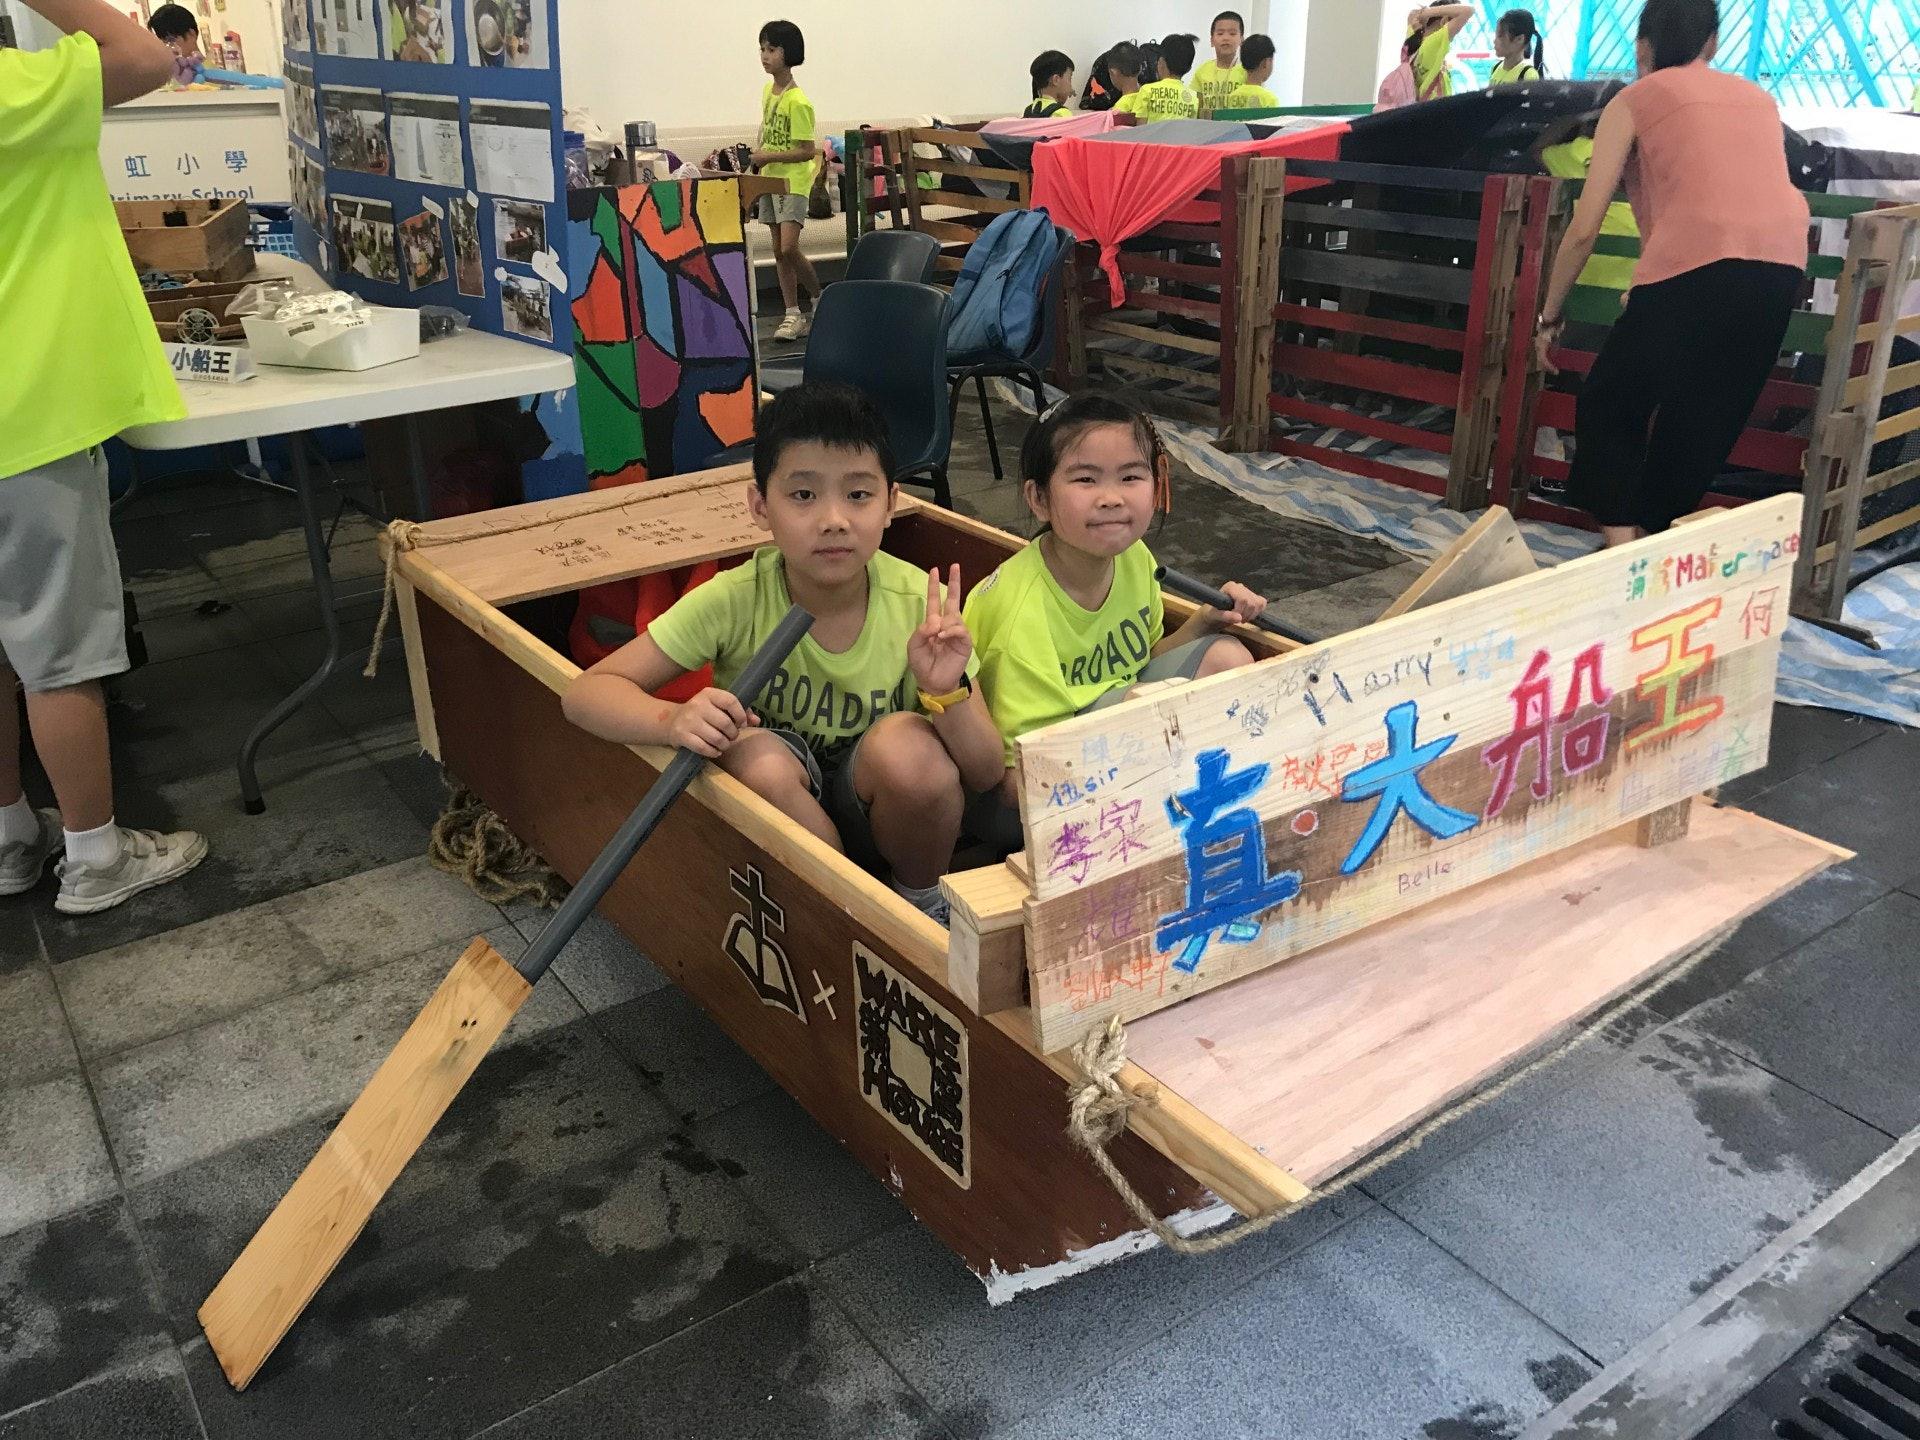 對船隻感興趣的同學,就組成「真.小船王」組別,在老師帶領下,收拾舊木板試製小船,最後在老師協助下,造出一隻能容納三個小朋友的木船。(鄧穎琳攝)